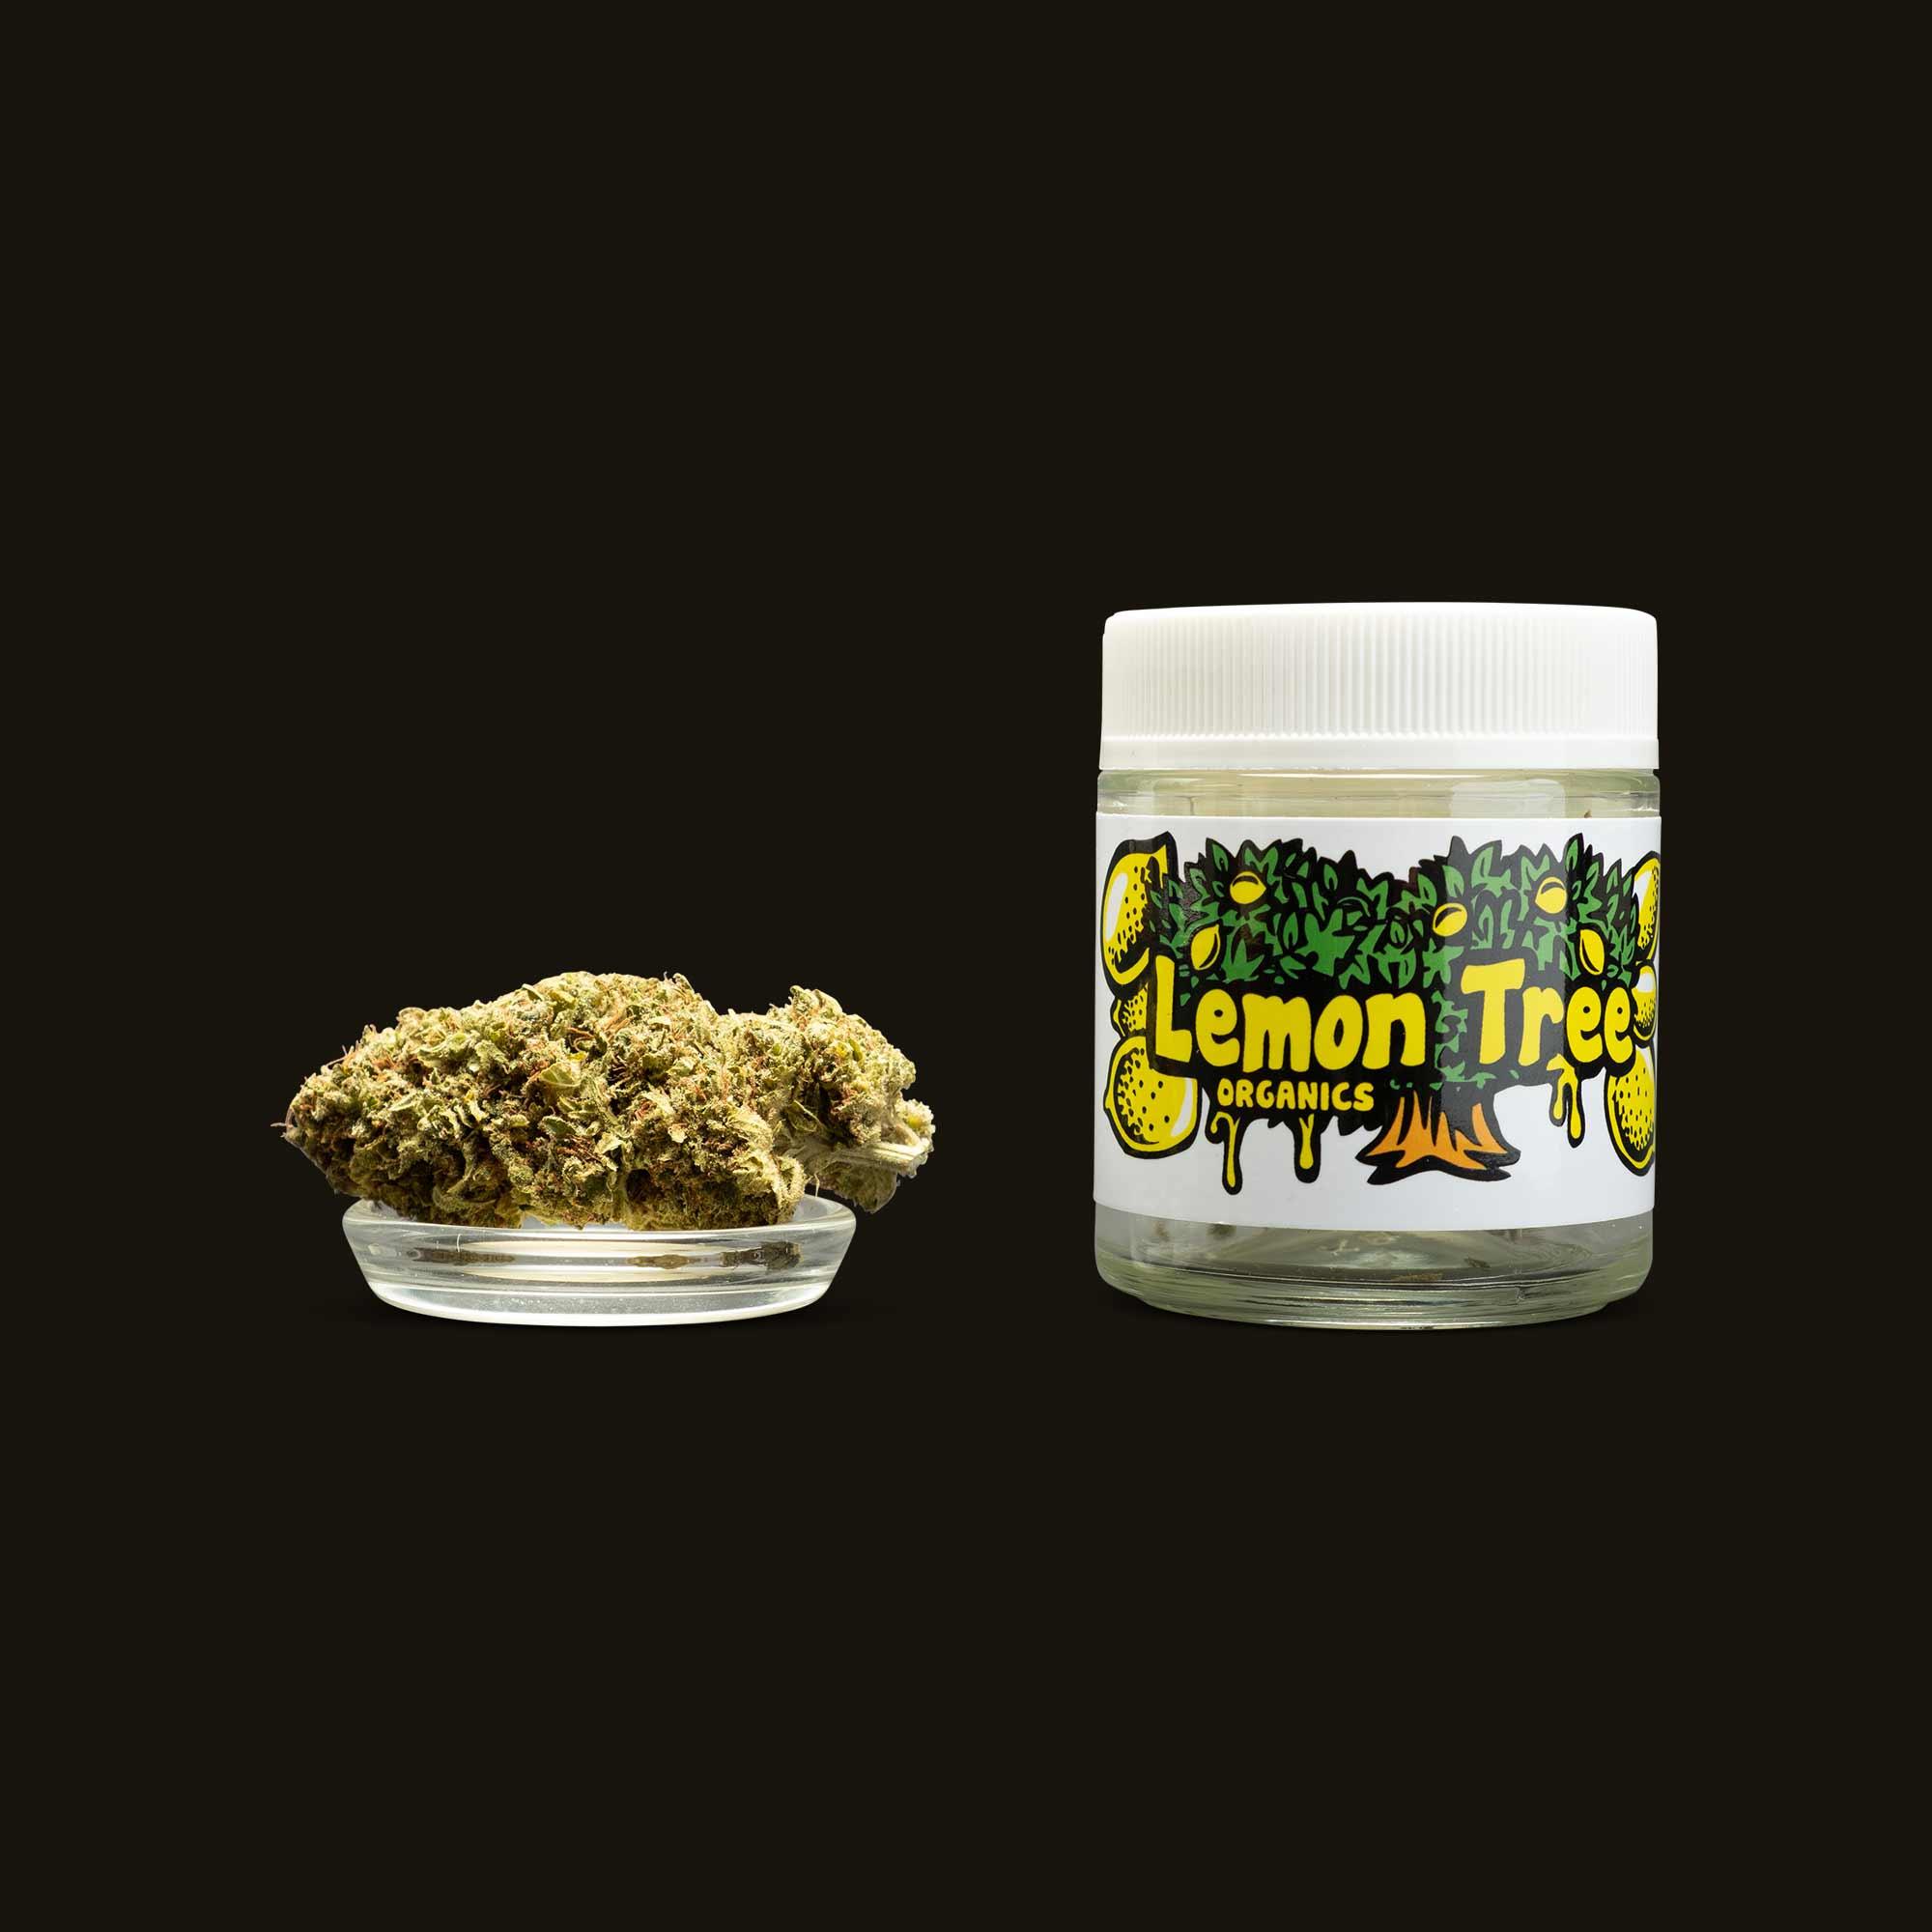 Lemon Tree Organics Lemon Tree